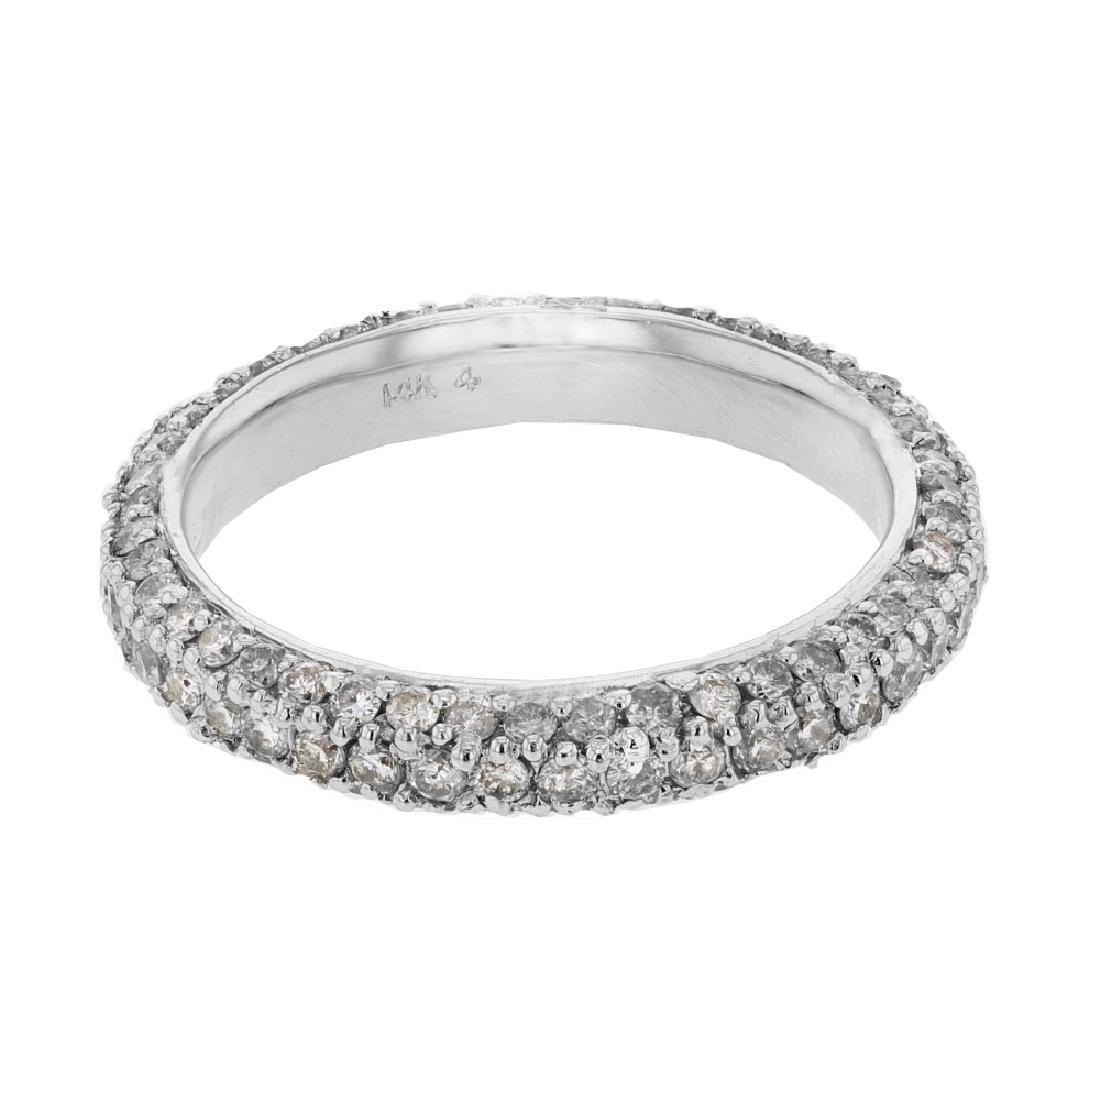 1.5CTW Diamond Wedding Band 14K White Gold